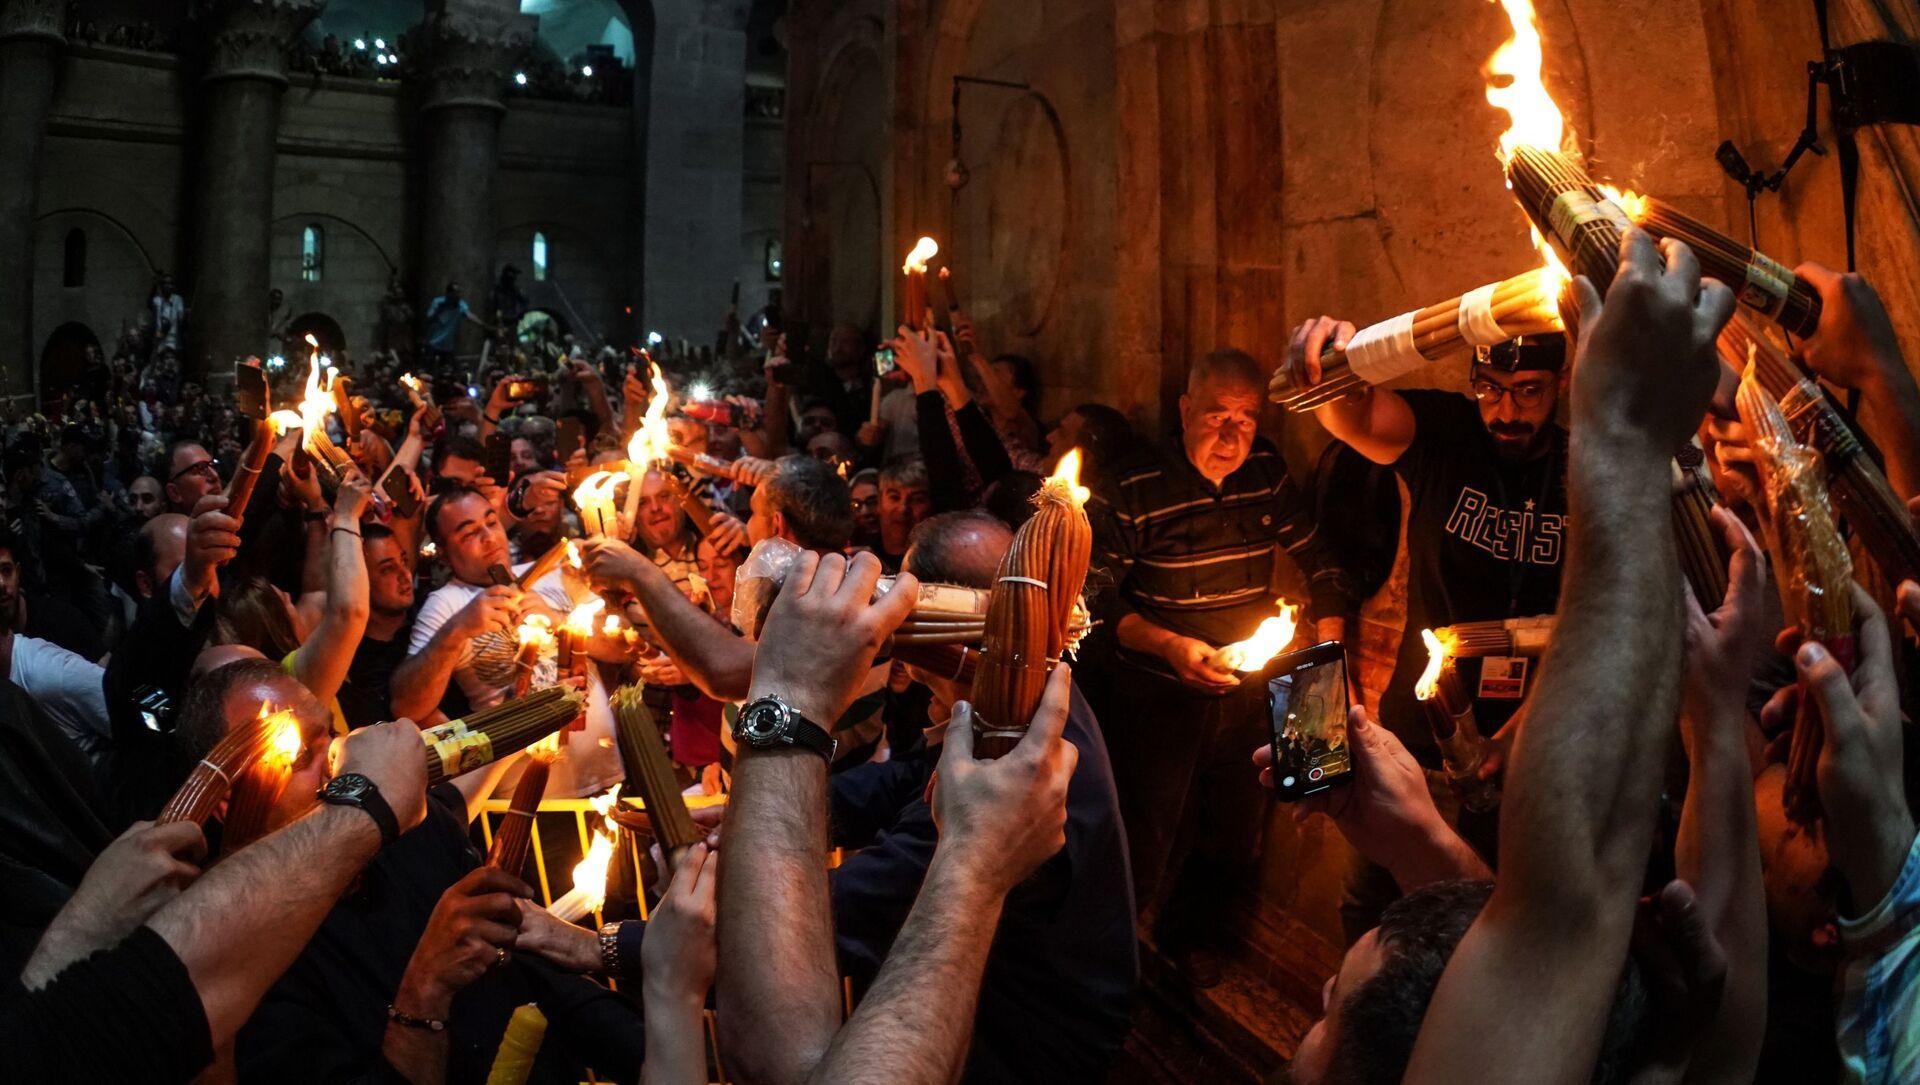 Nella chiesa del Santo Sepolcro di Gerusalemme si è acceso il Fuoco Sacro. - Sputnik Italia, 1920, 05.04.2021